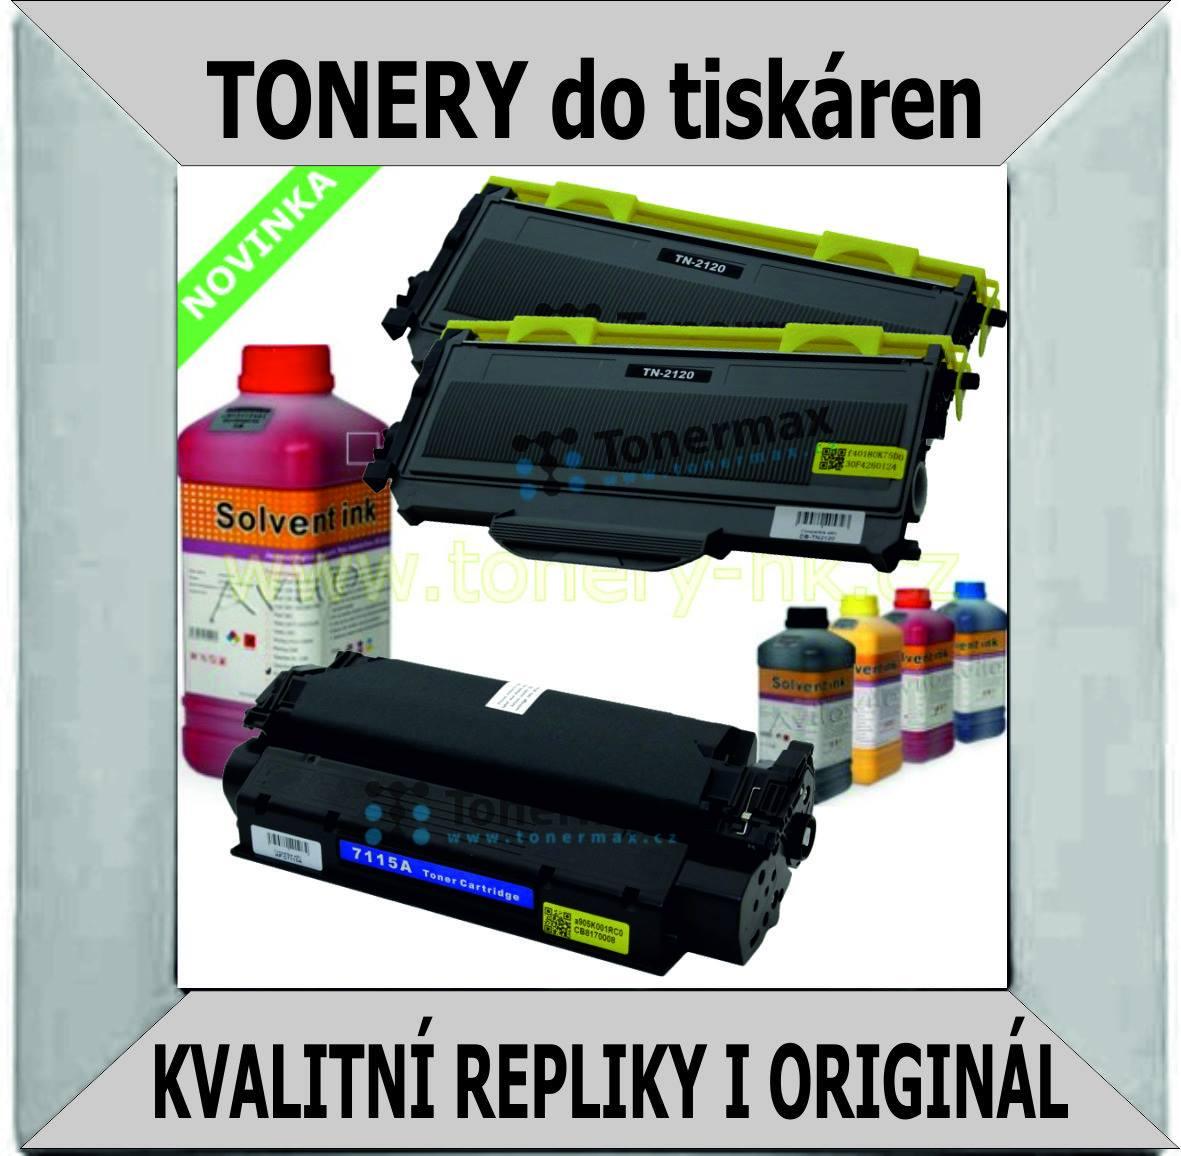 Tonery